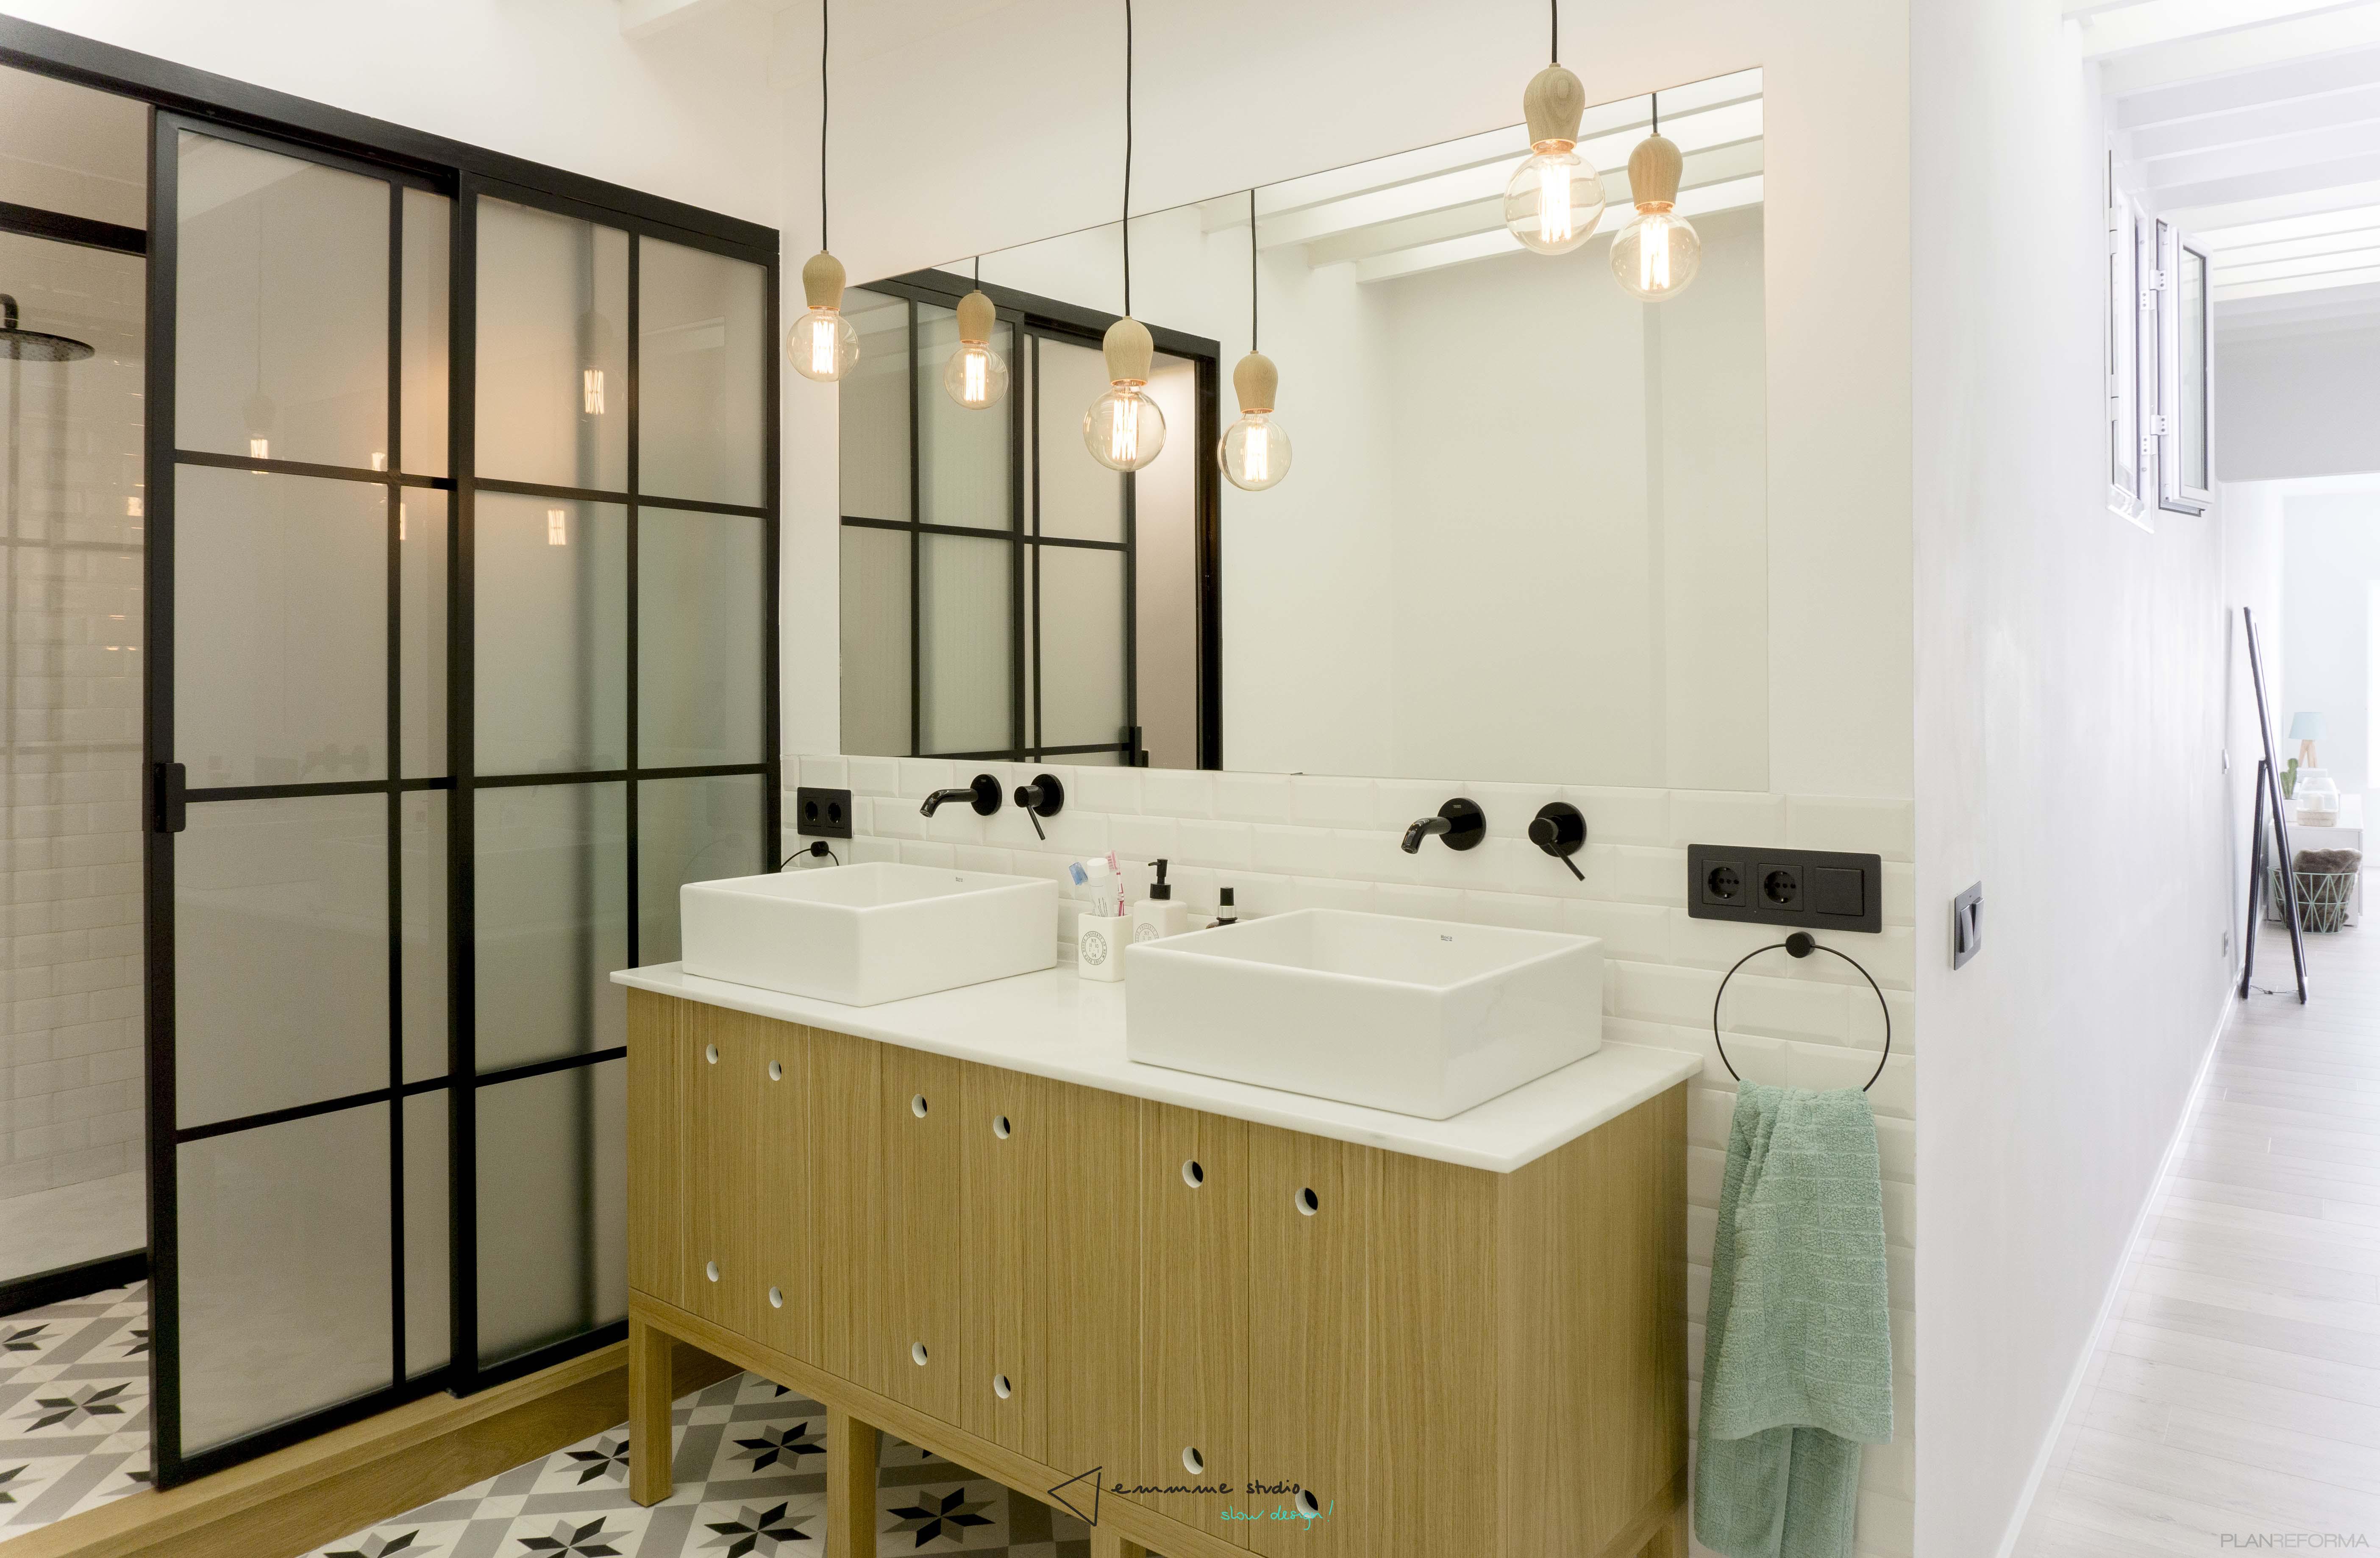 Baño Estilo mediterraneo Color blanco  diseñado por emmme studio   Arquitecto   Copyright emmme studio